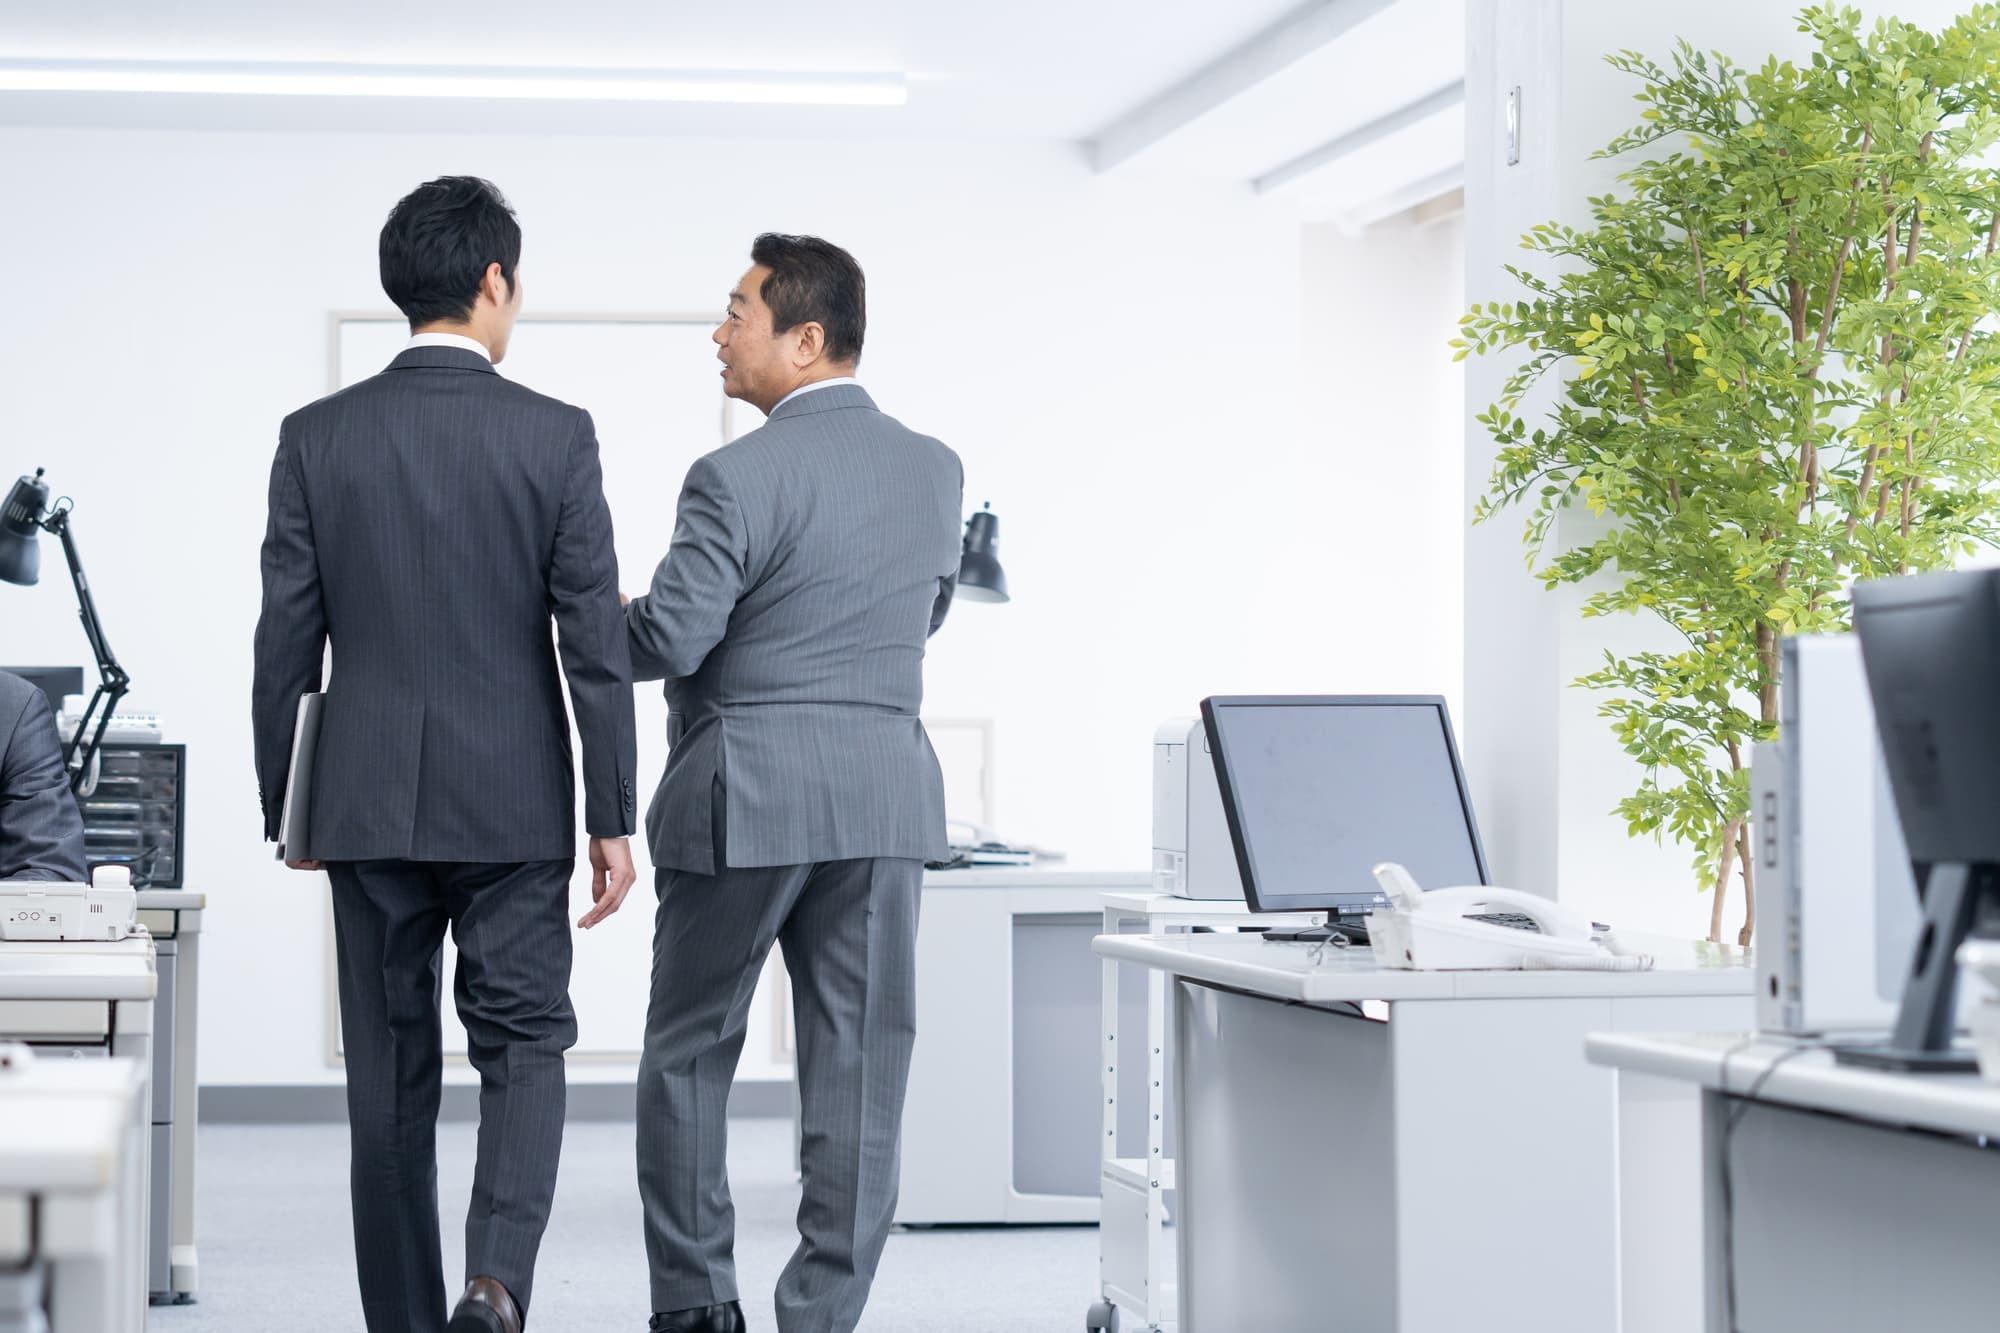 ③転職先が決まるまで会社を辞めない